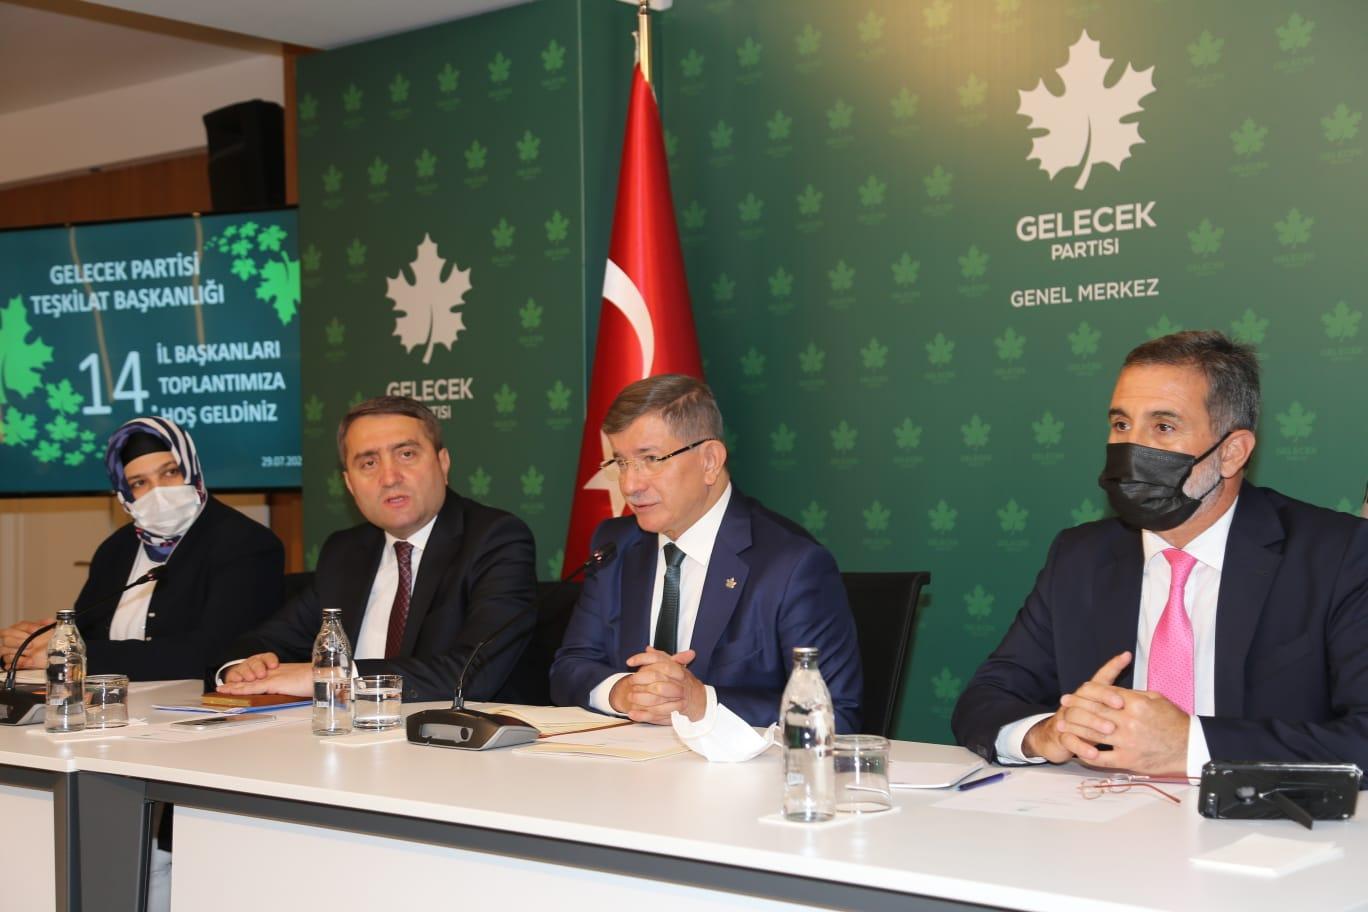 Gelecek Partisi 14. İl Başkanları Toplantısı Genel Merkezde Yapıldı